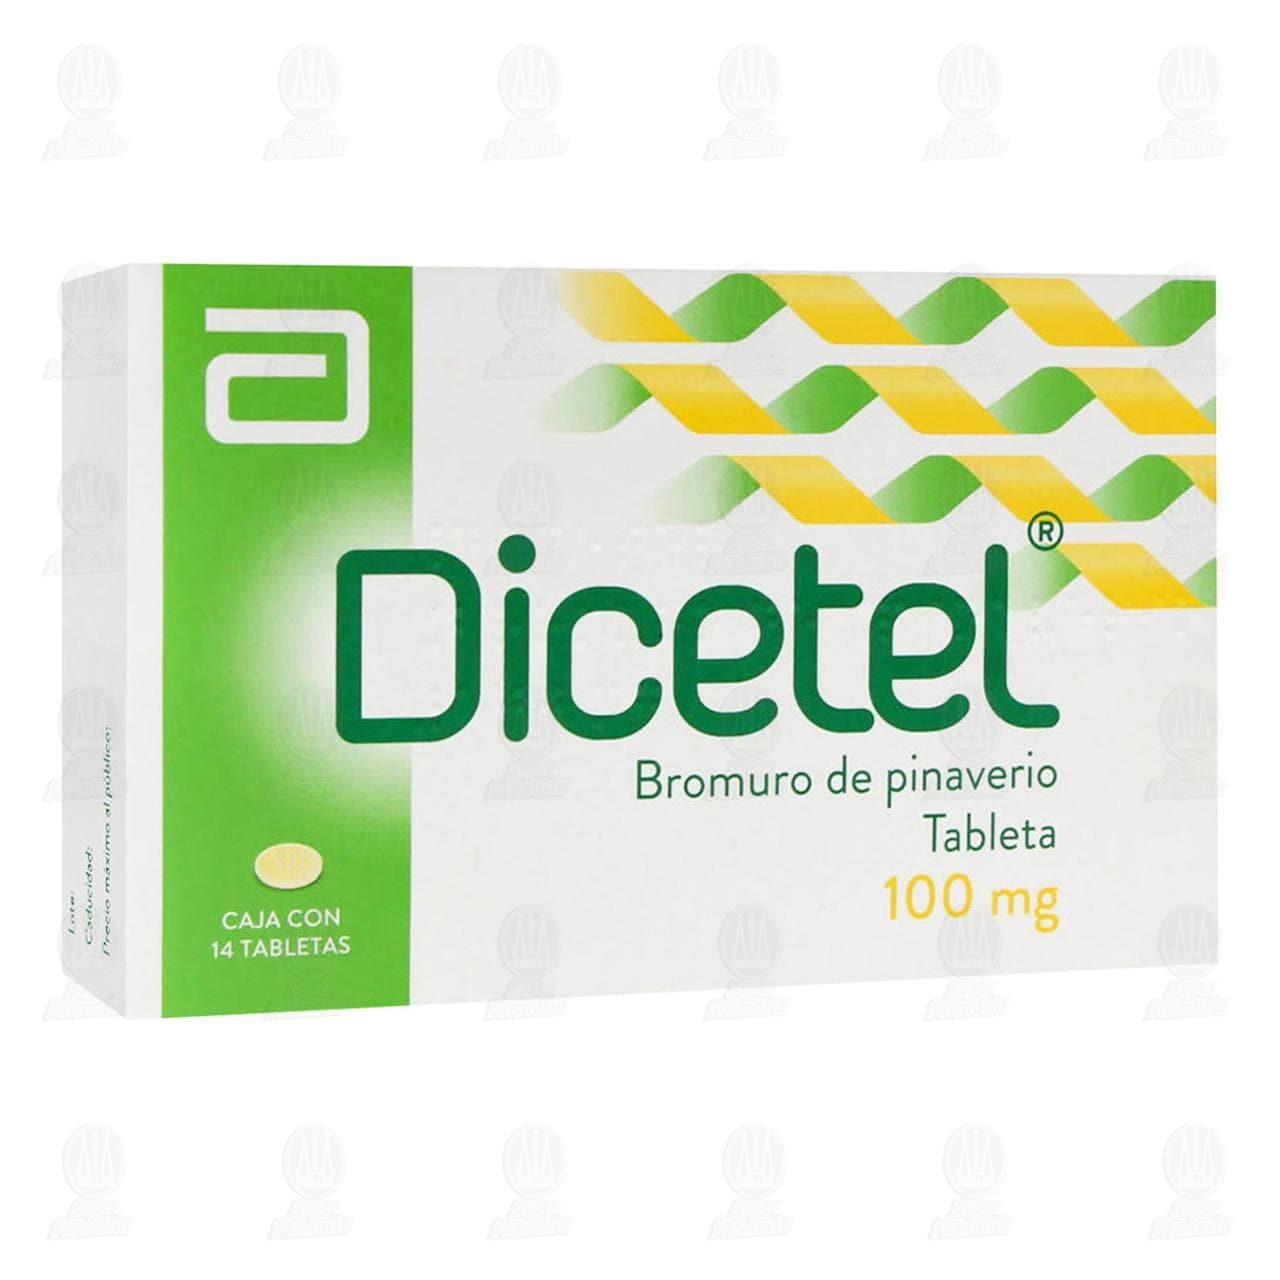 comprar https://www.movil.farmaciasguadalajara.com/wcsstore/FGCAS/wcs/products/864110_A_1280_AL.jpg en farmacias guadalajara